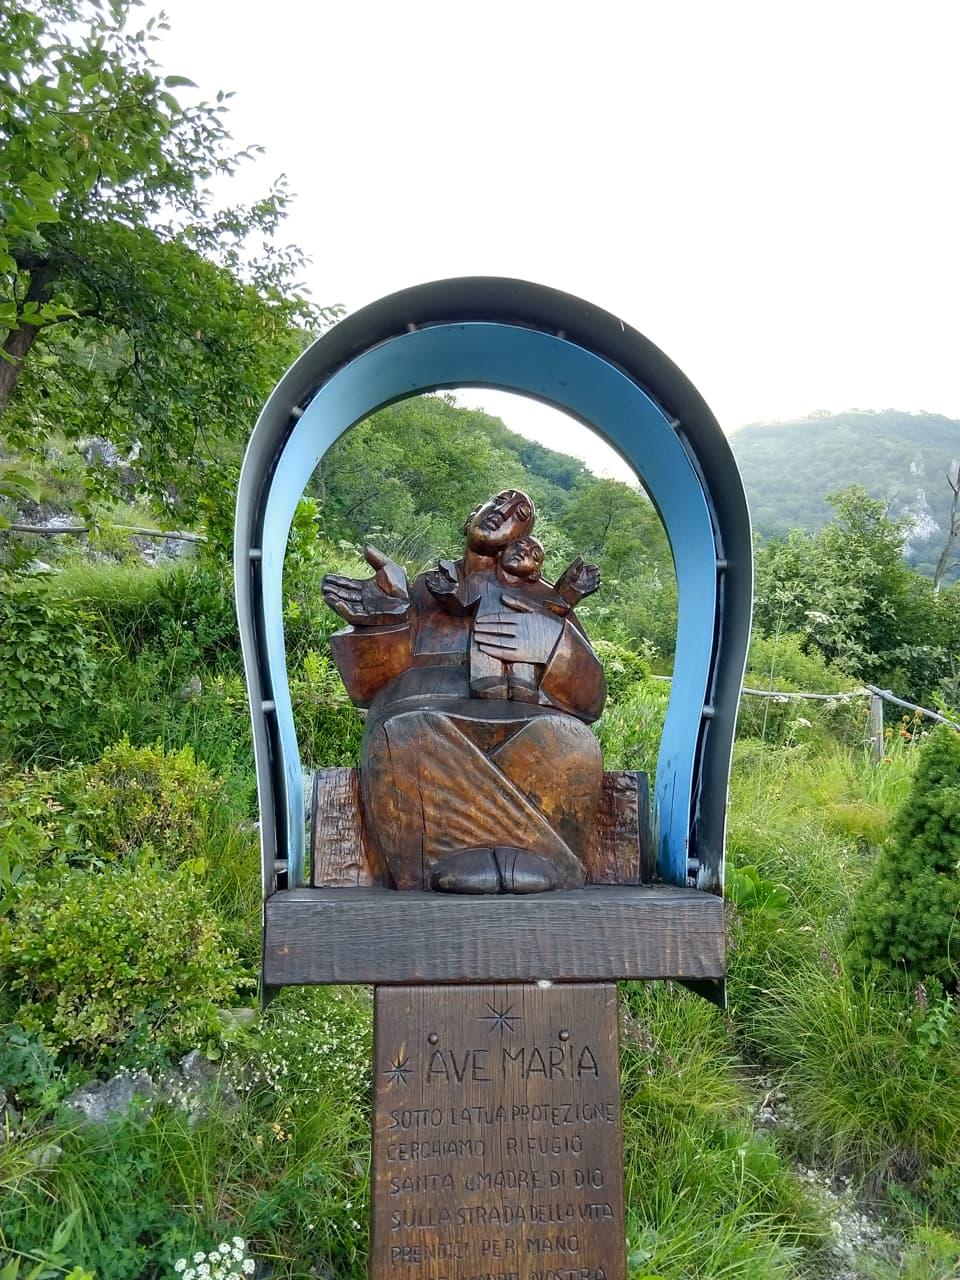 Molto caratteristica questa statua dell'Ave Maria che incontro lungo il sentiero di rientro